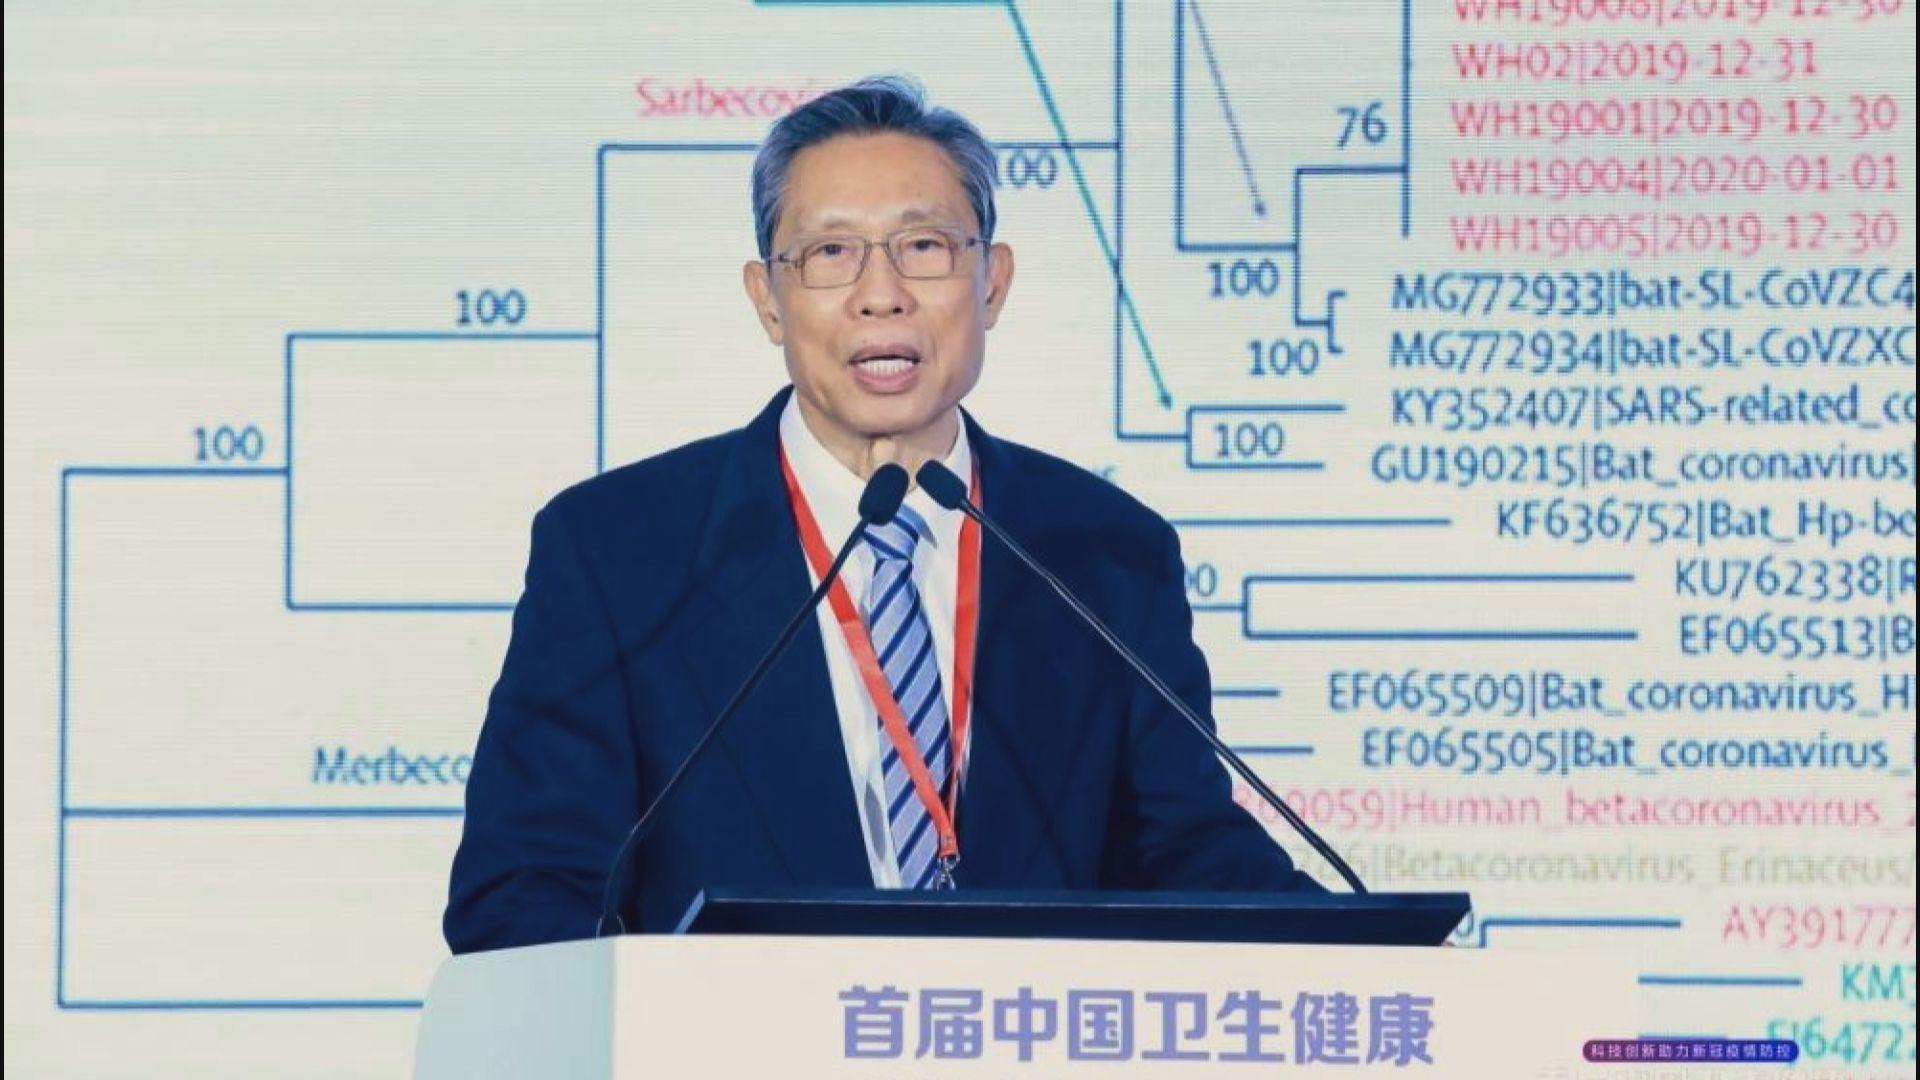 鍾南山:香港急需進行全民核酸檢測